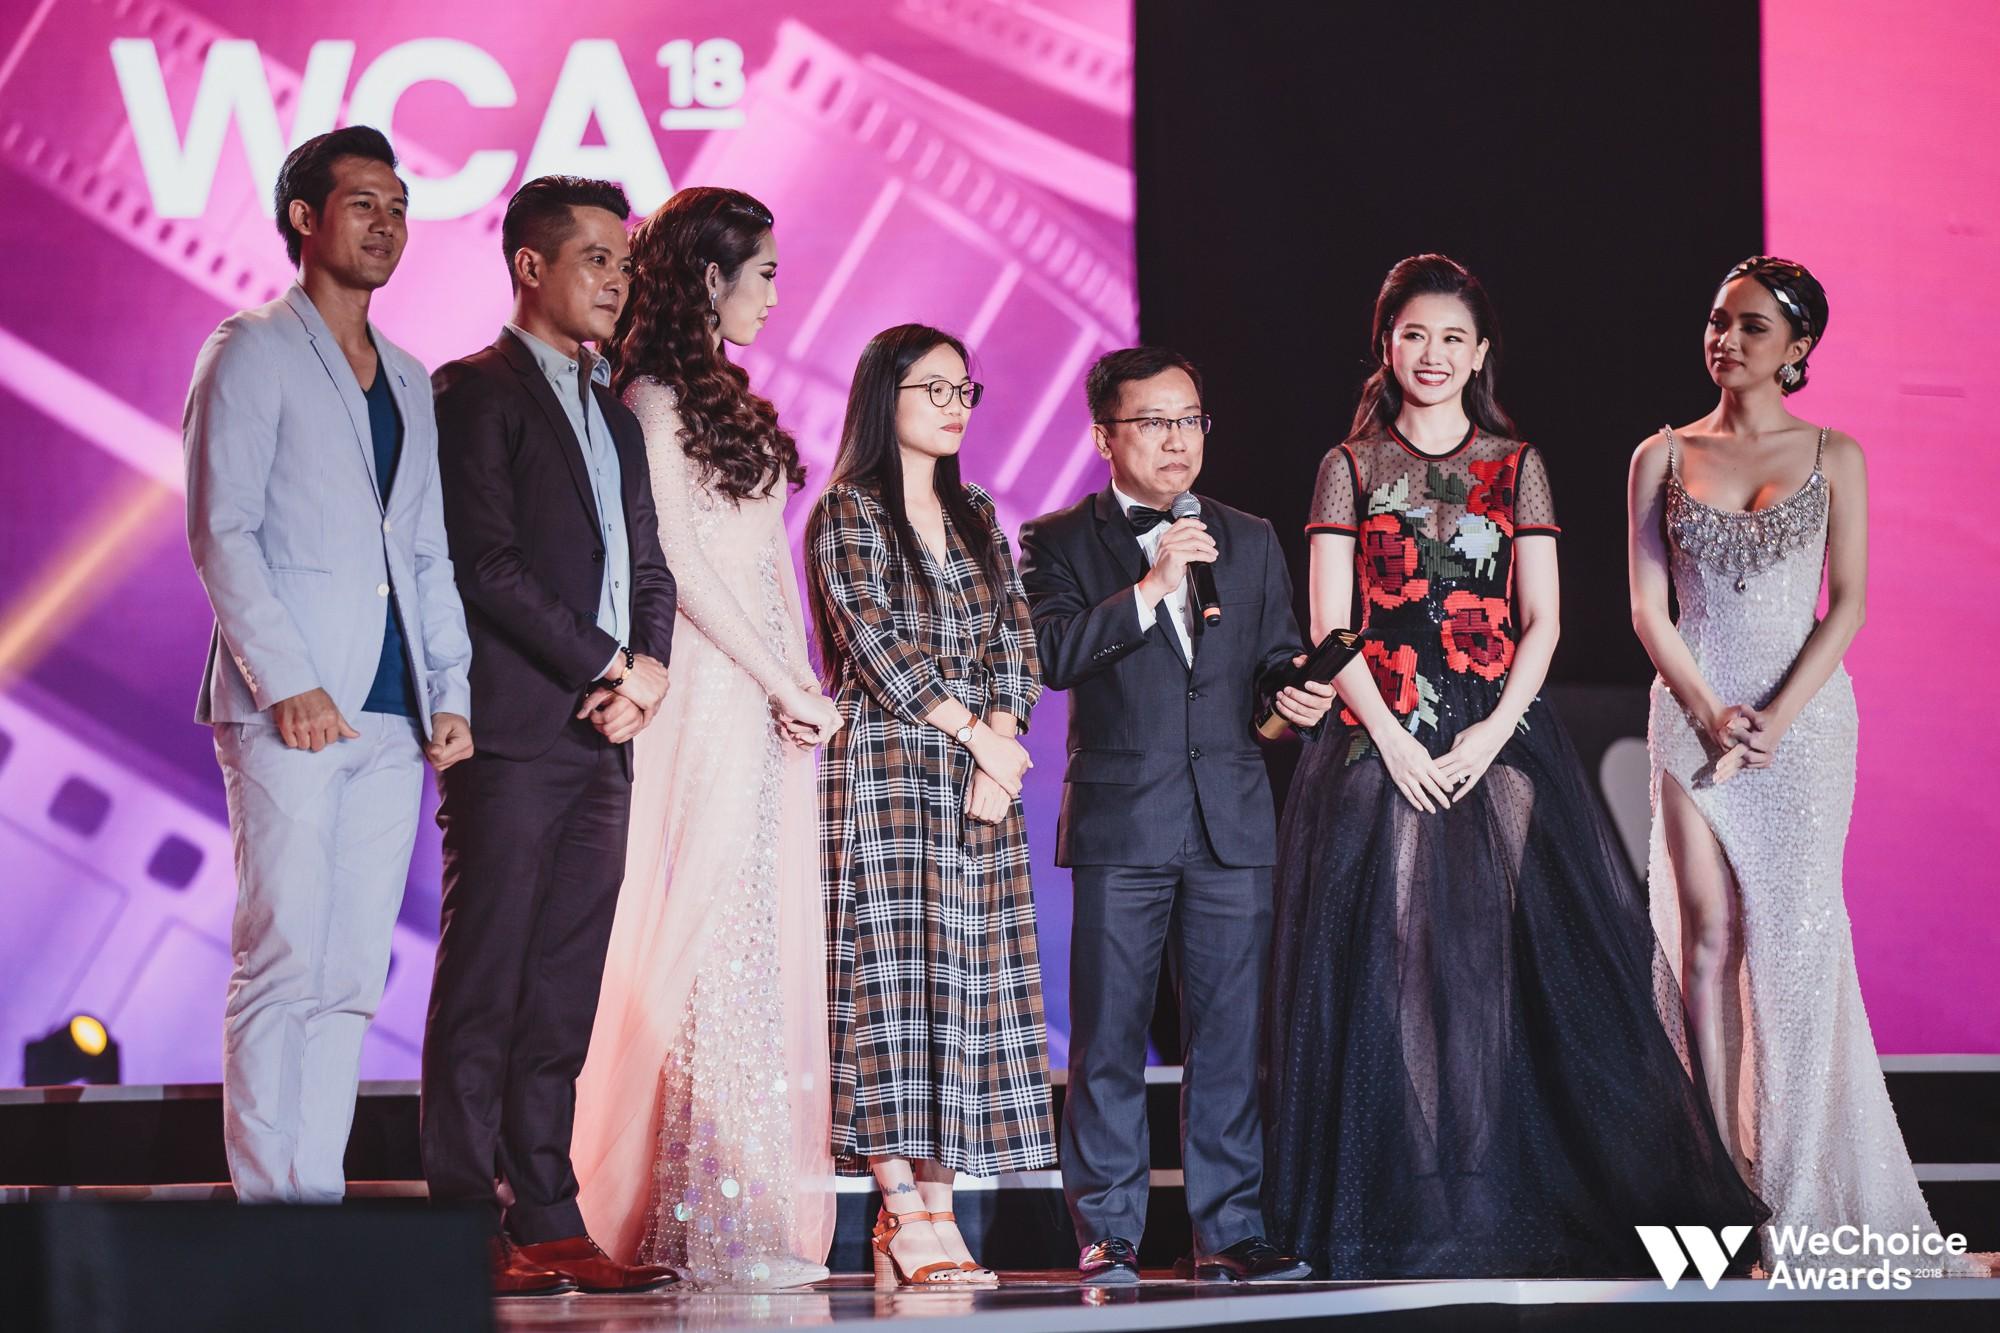 Ba hạng mục danh giá dành cho phim Việt đã tìm ra chủ nhân tại đêm trao giải WeChoice Awards 2018 - Ảnh 5.